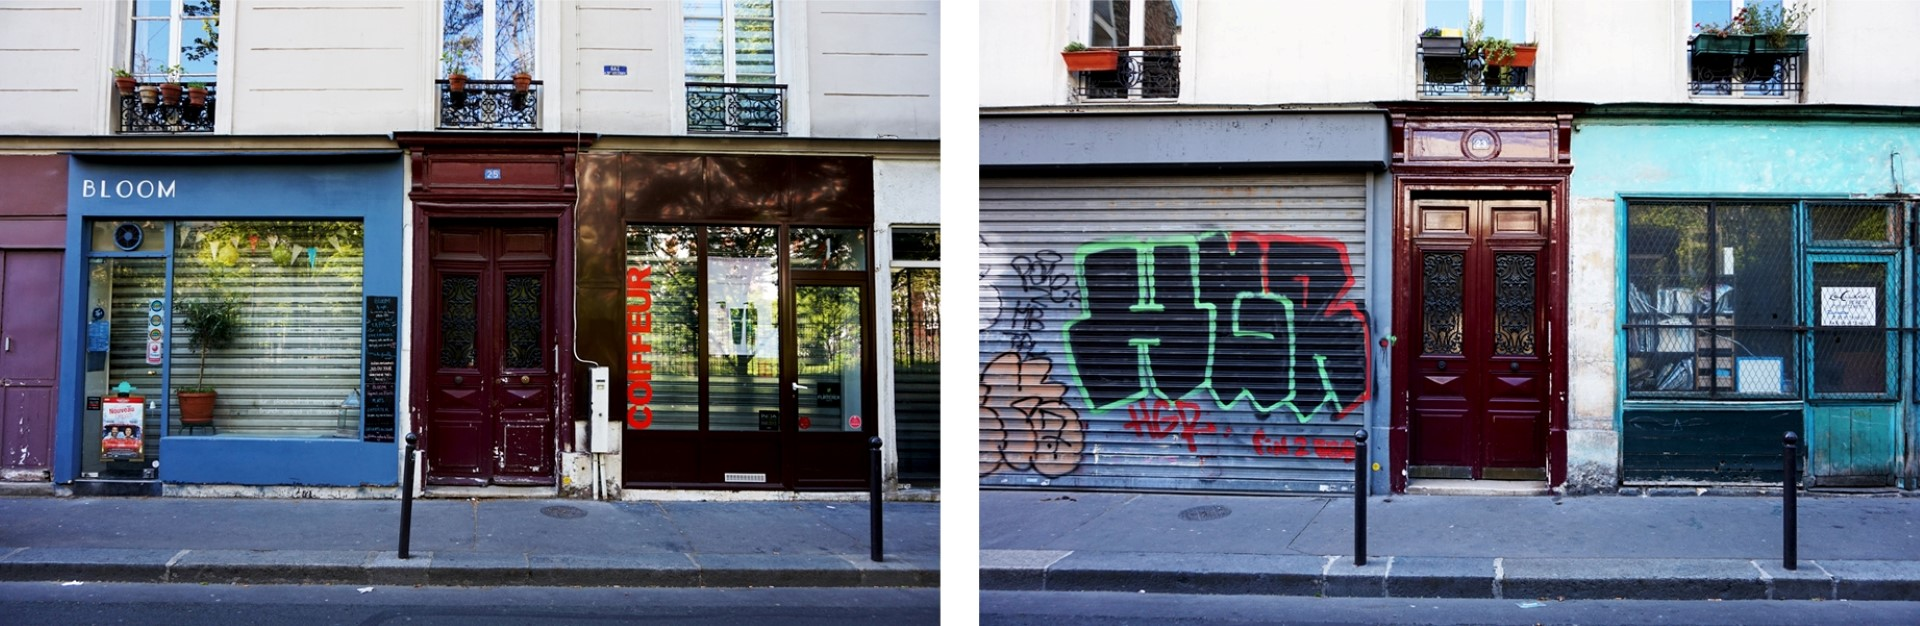 Balade dans le 11e - Rue de la Forge Royale